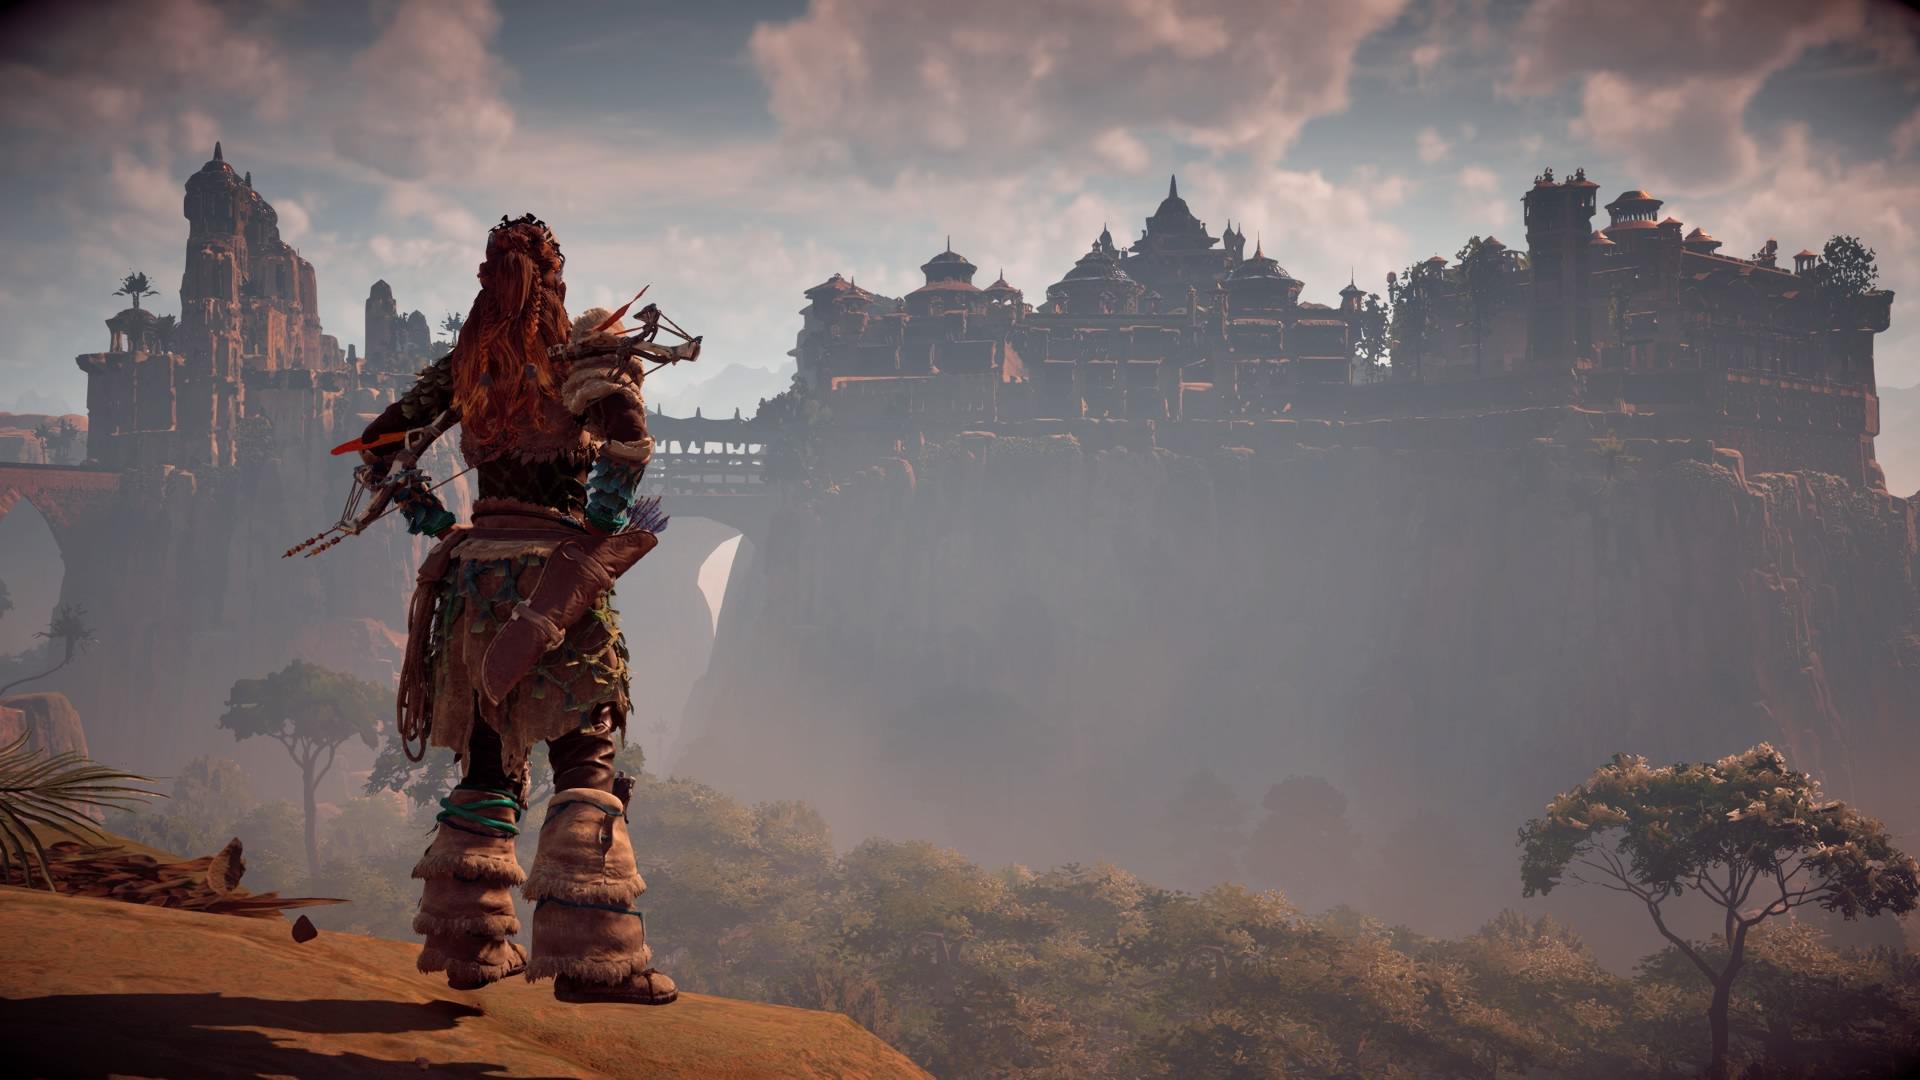 La ciutat de Meridian, la mena de paisatge encantarèl que sabrondan dins Horizon.